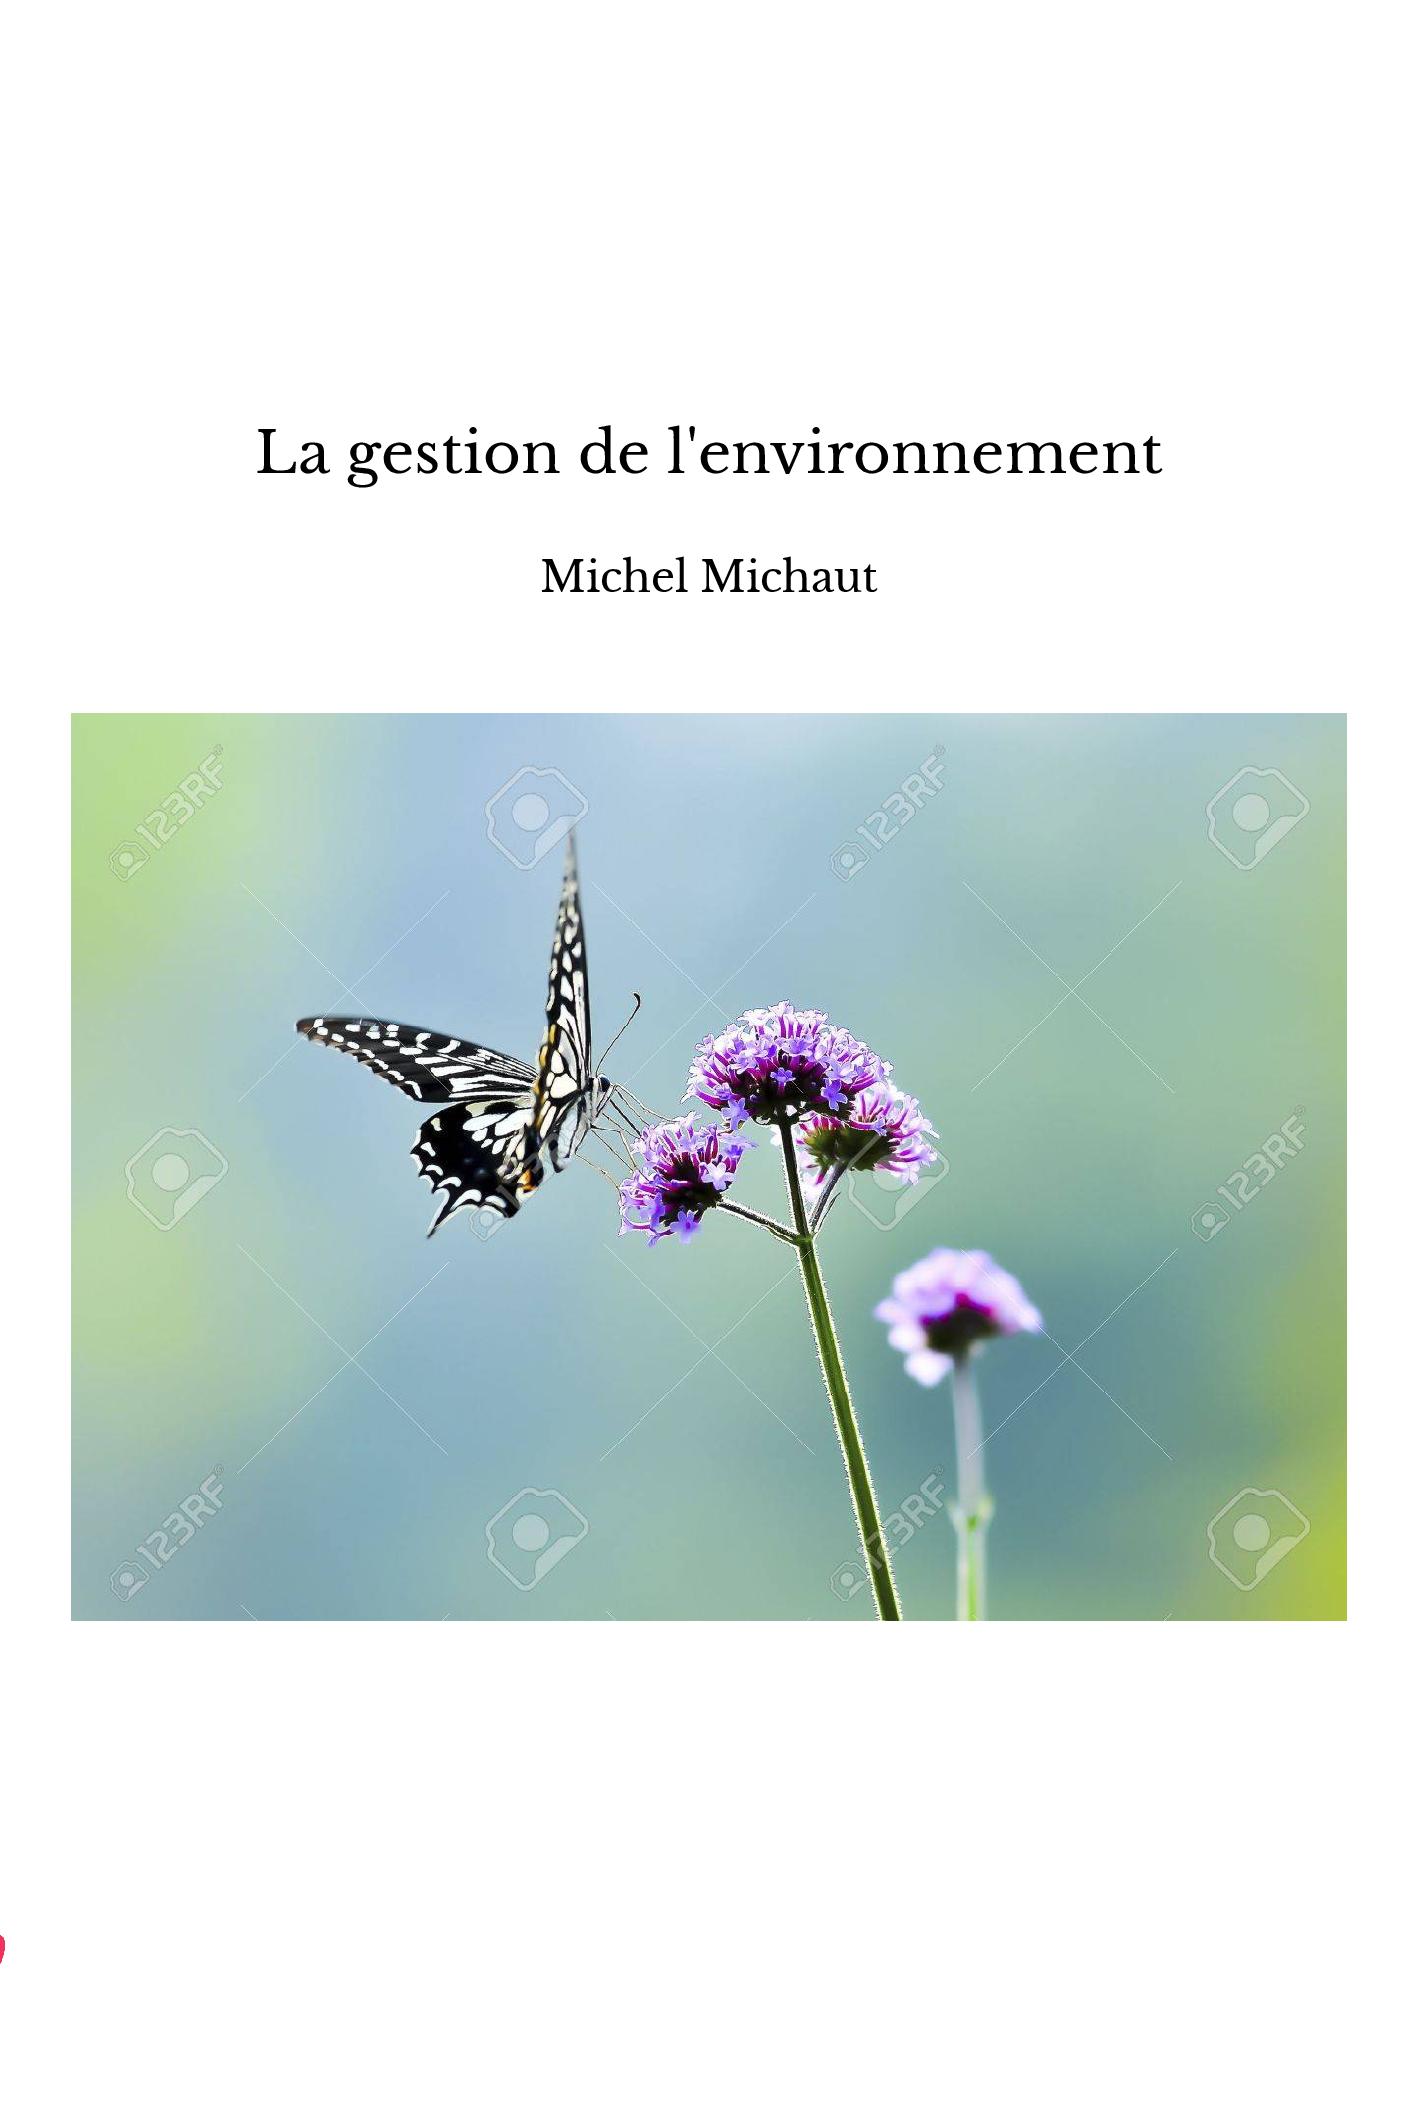 La gestion de l'environnement